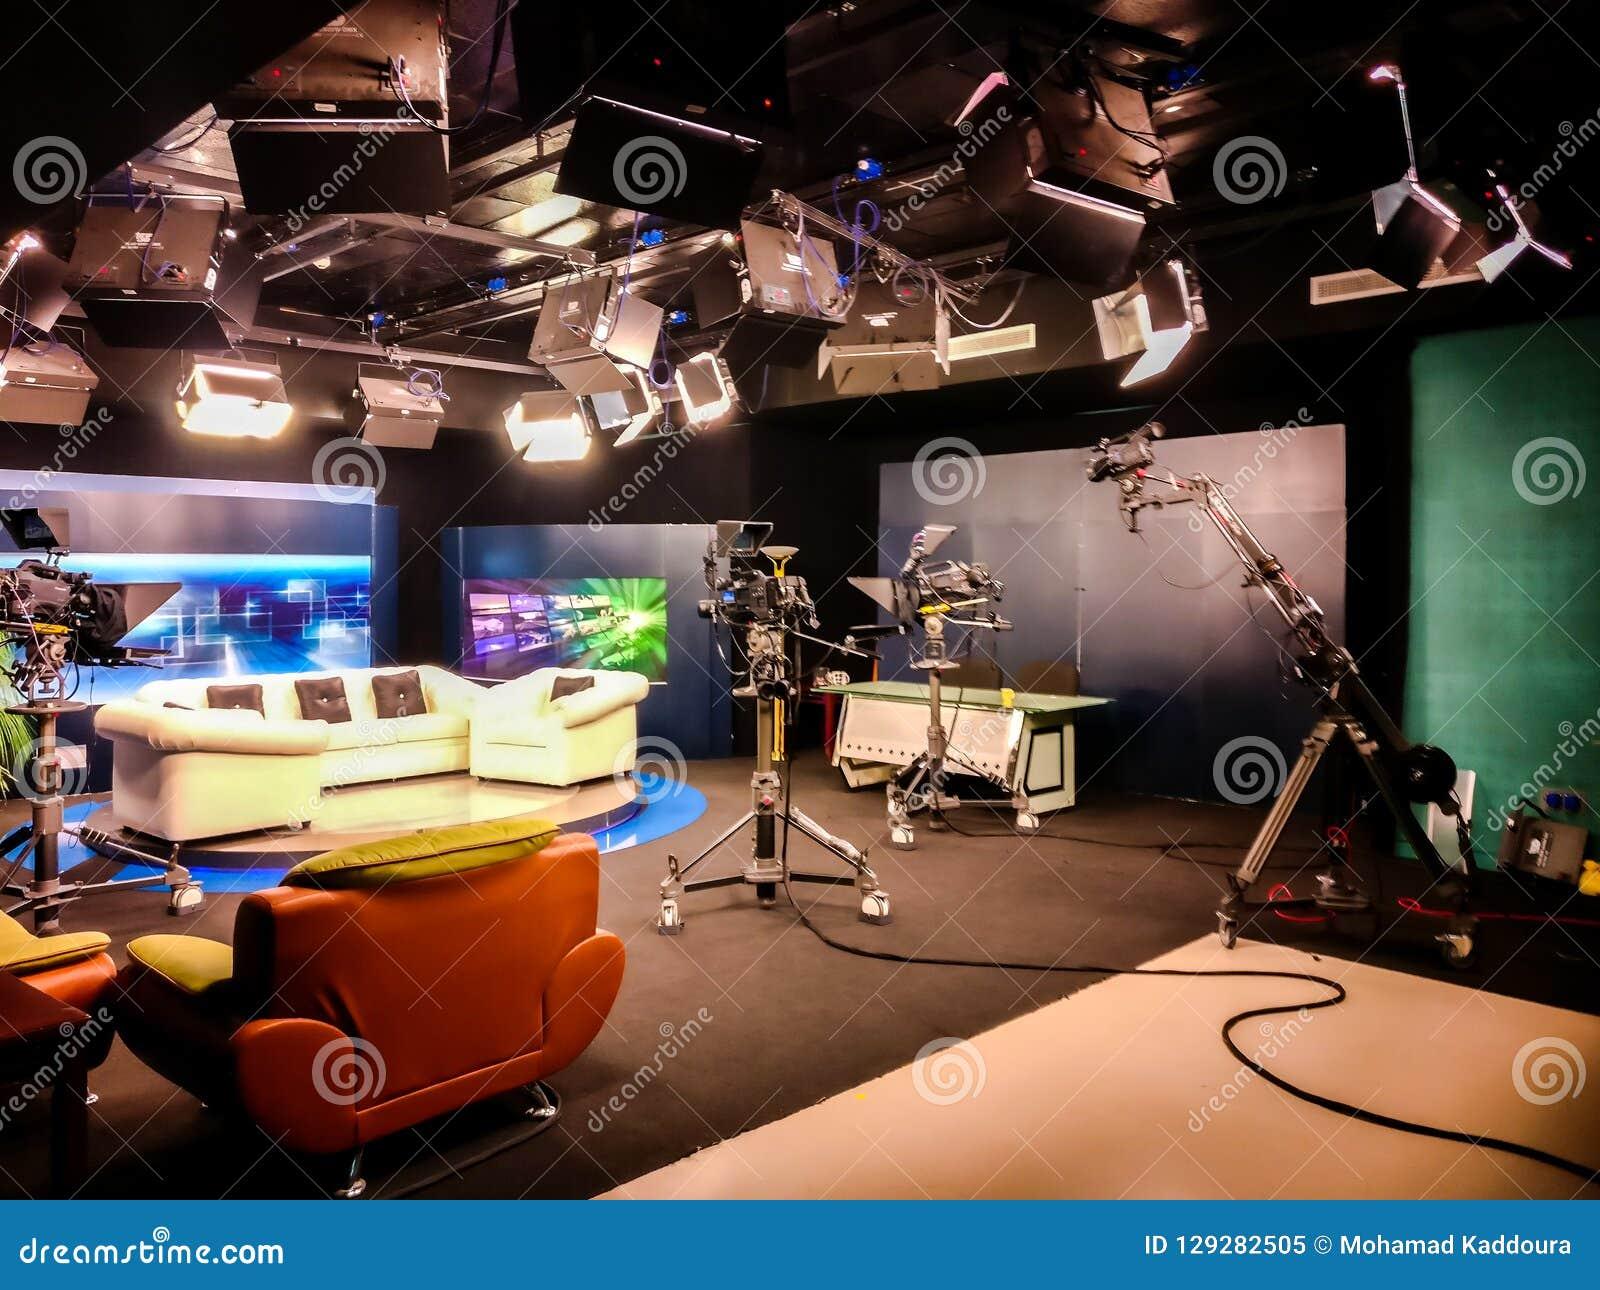 De televisiestudio met camera, de lichten en de bus voor gesprek voor opnametv tonen - Universitaire communicatie collage